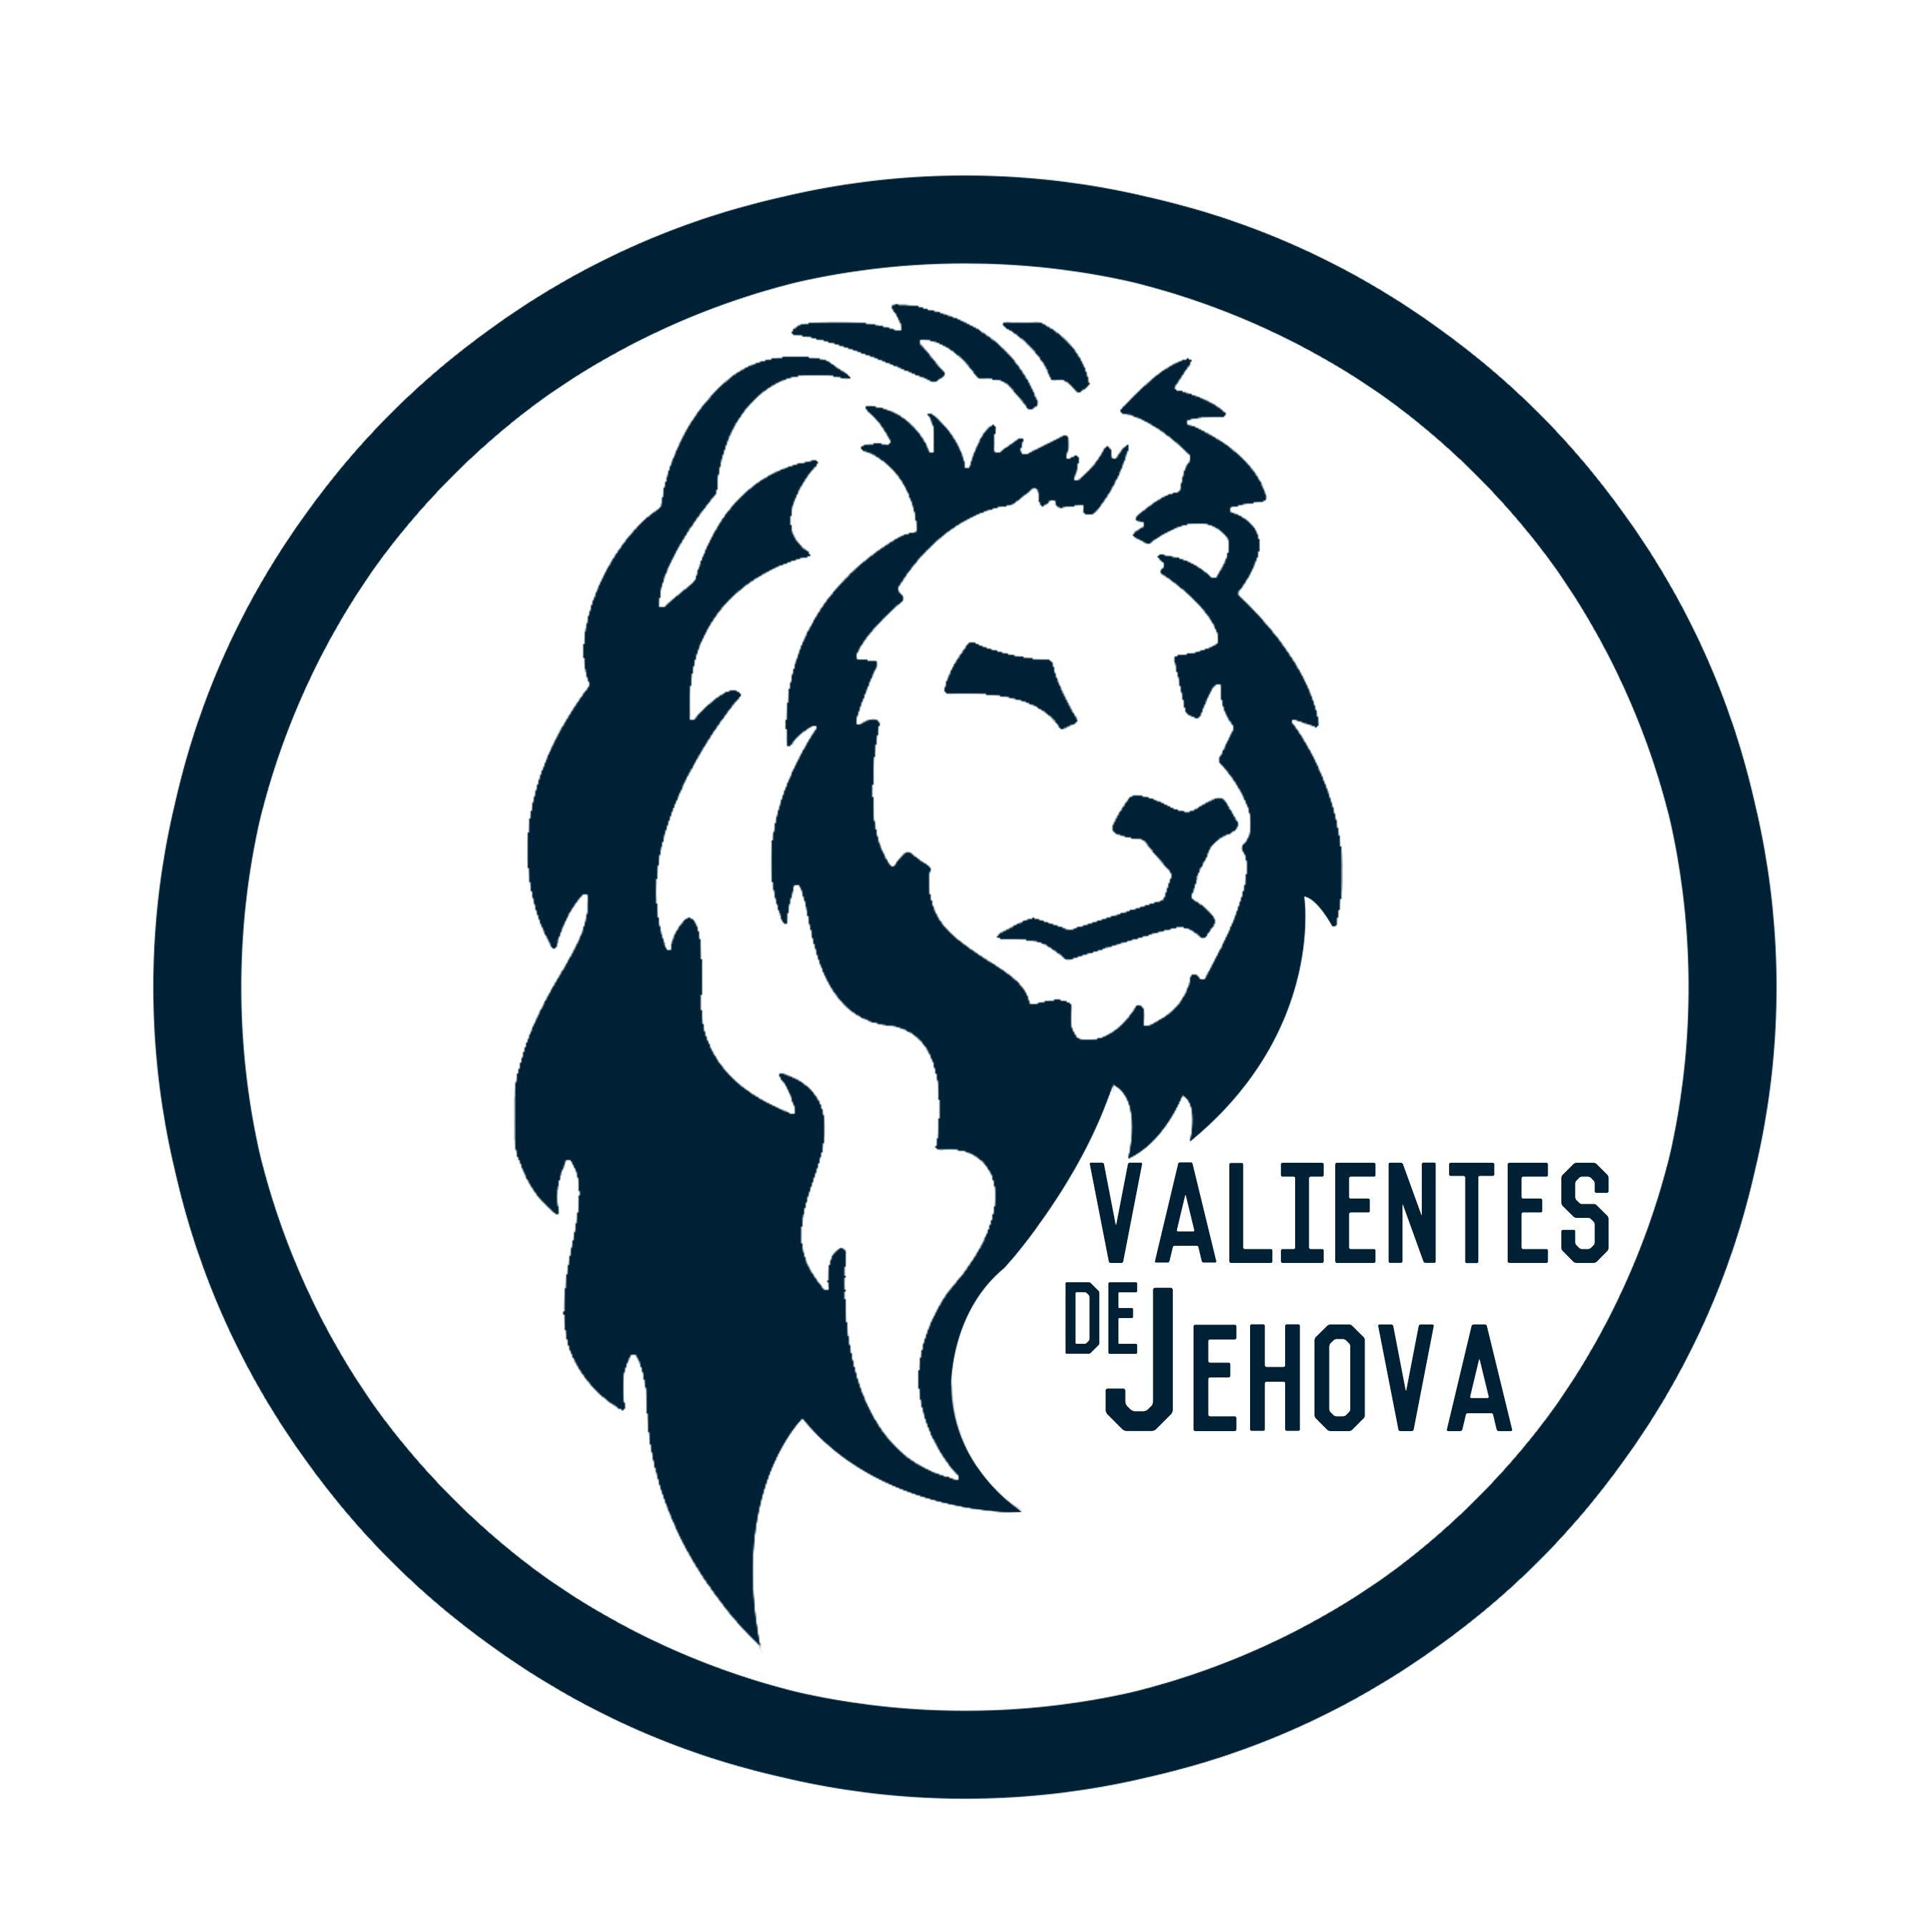 Logotipo Para Grupo De Jovenes Cristianos Valientes De Jehova